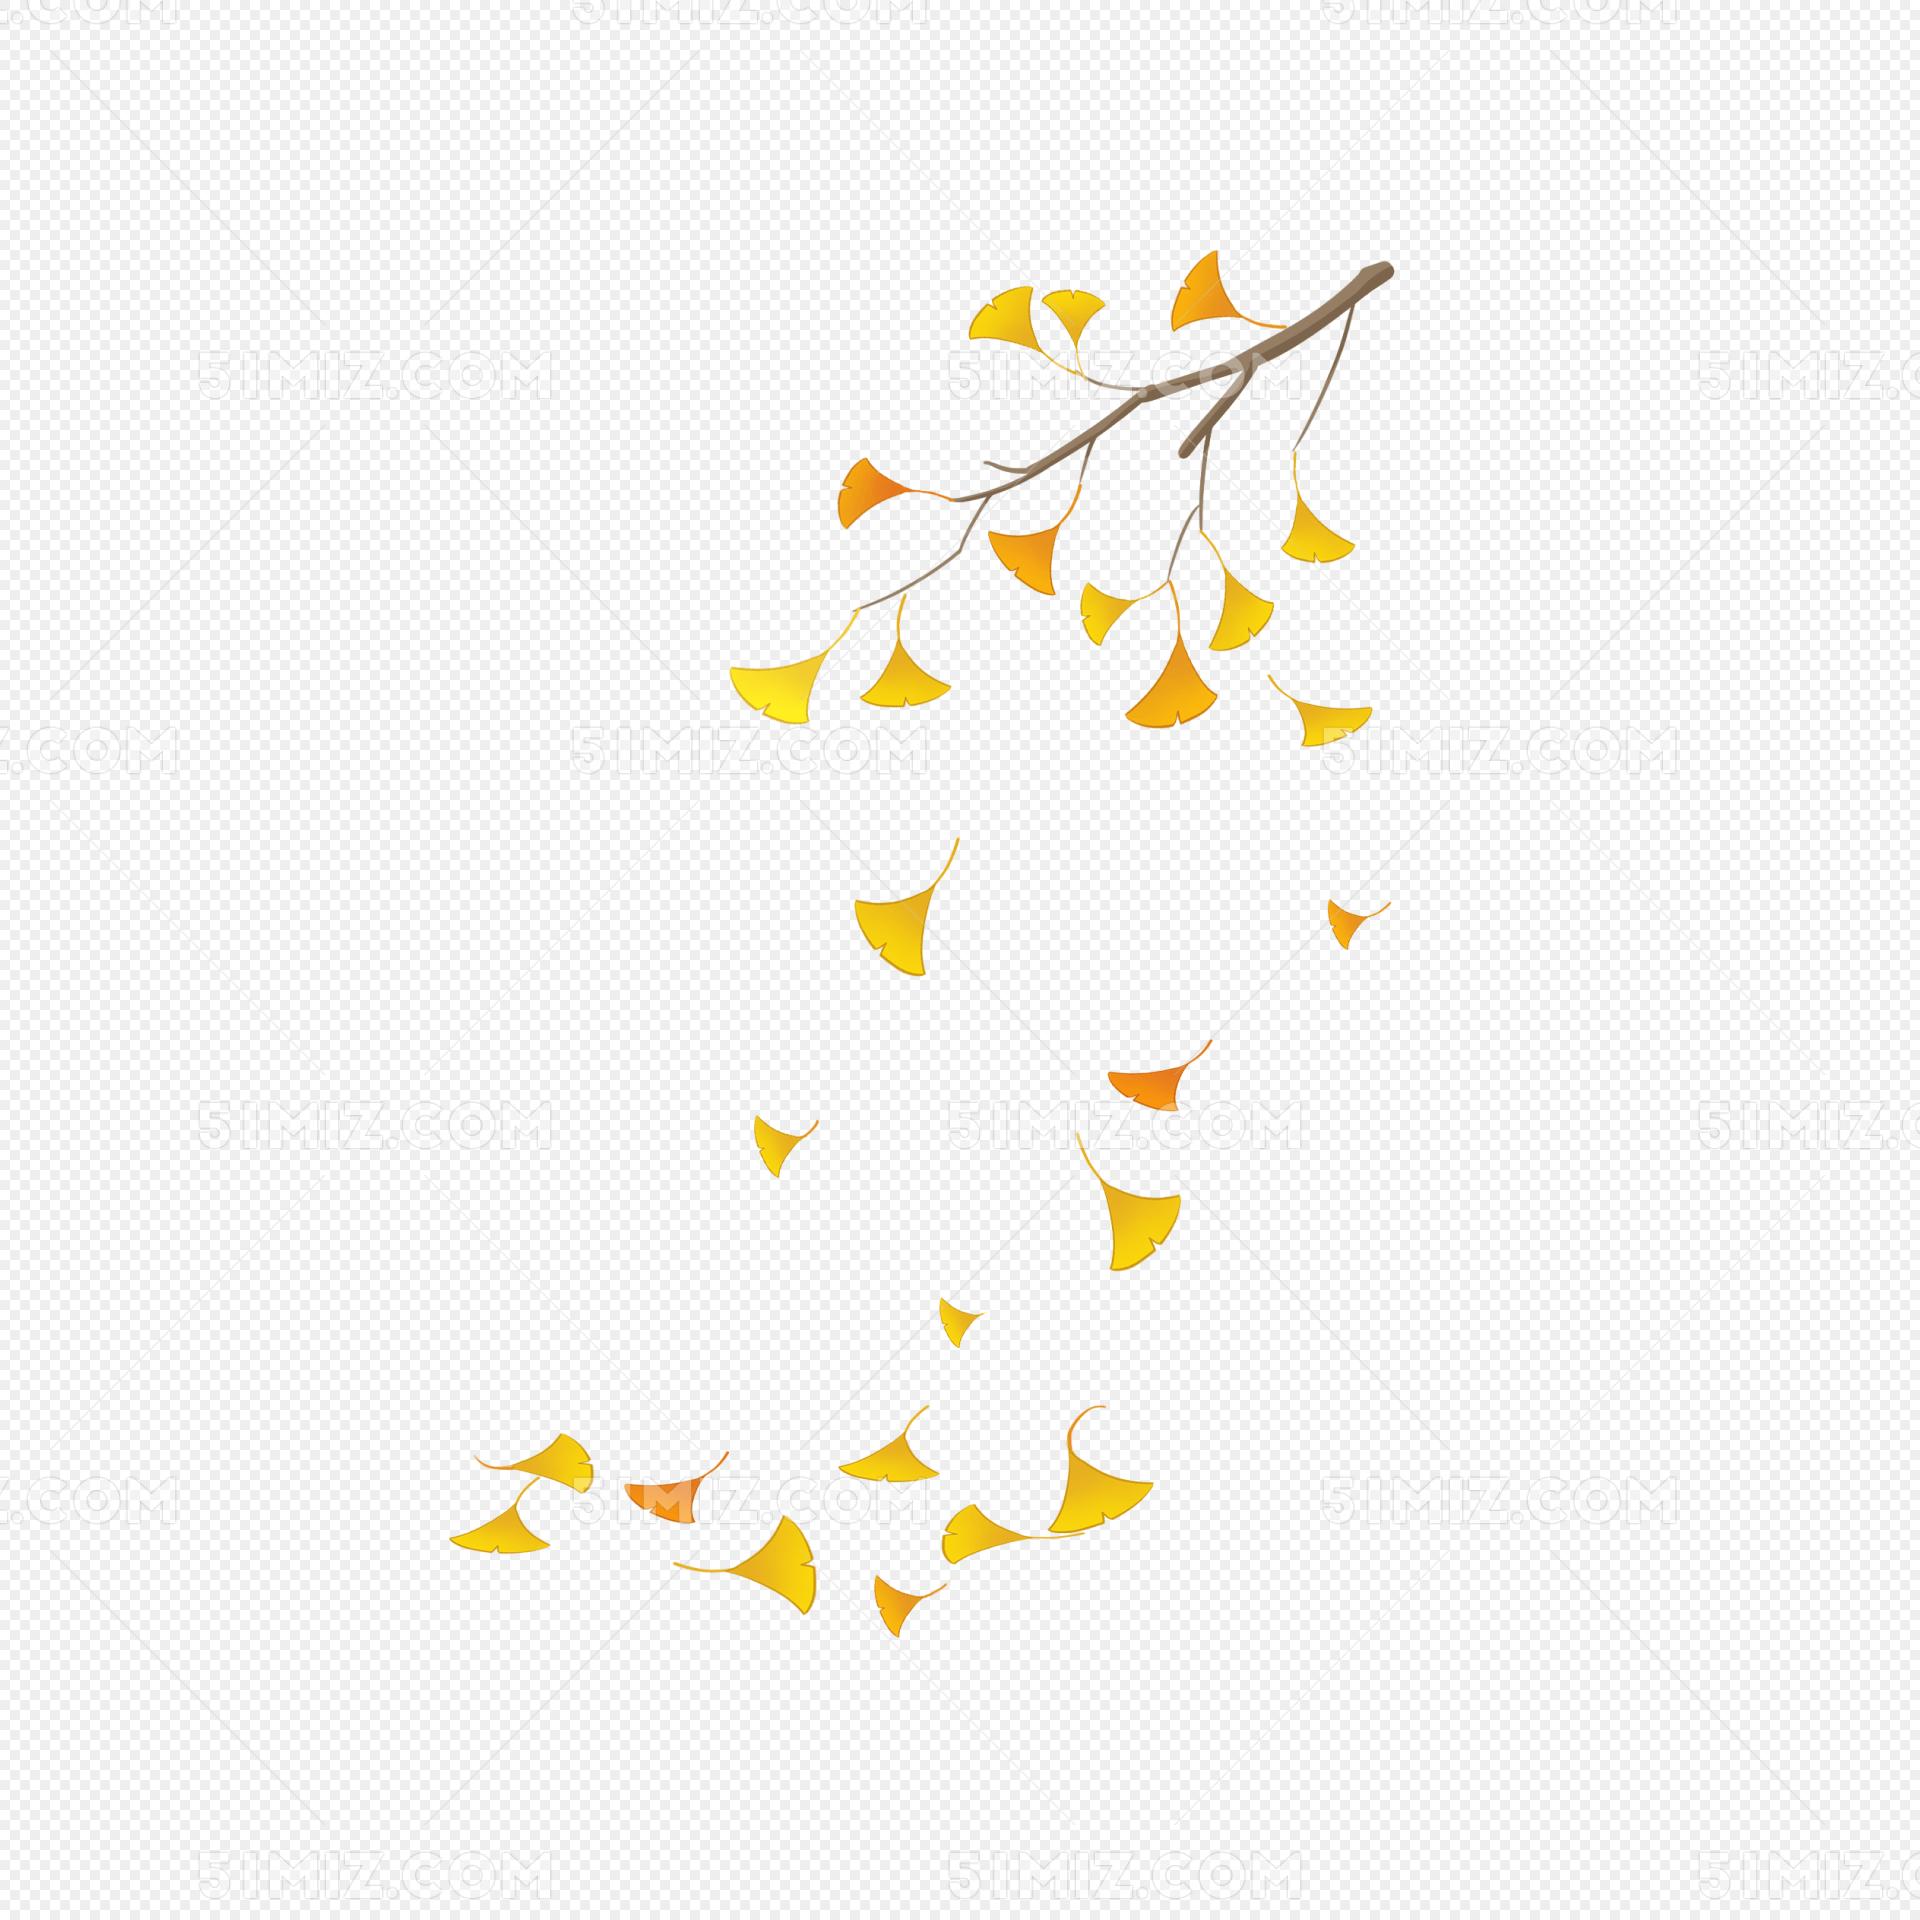 秋季落叶手绘插画